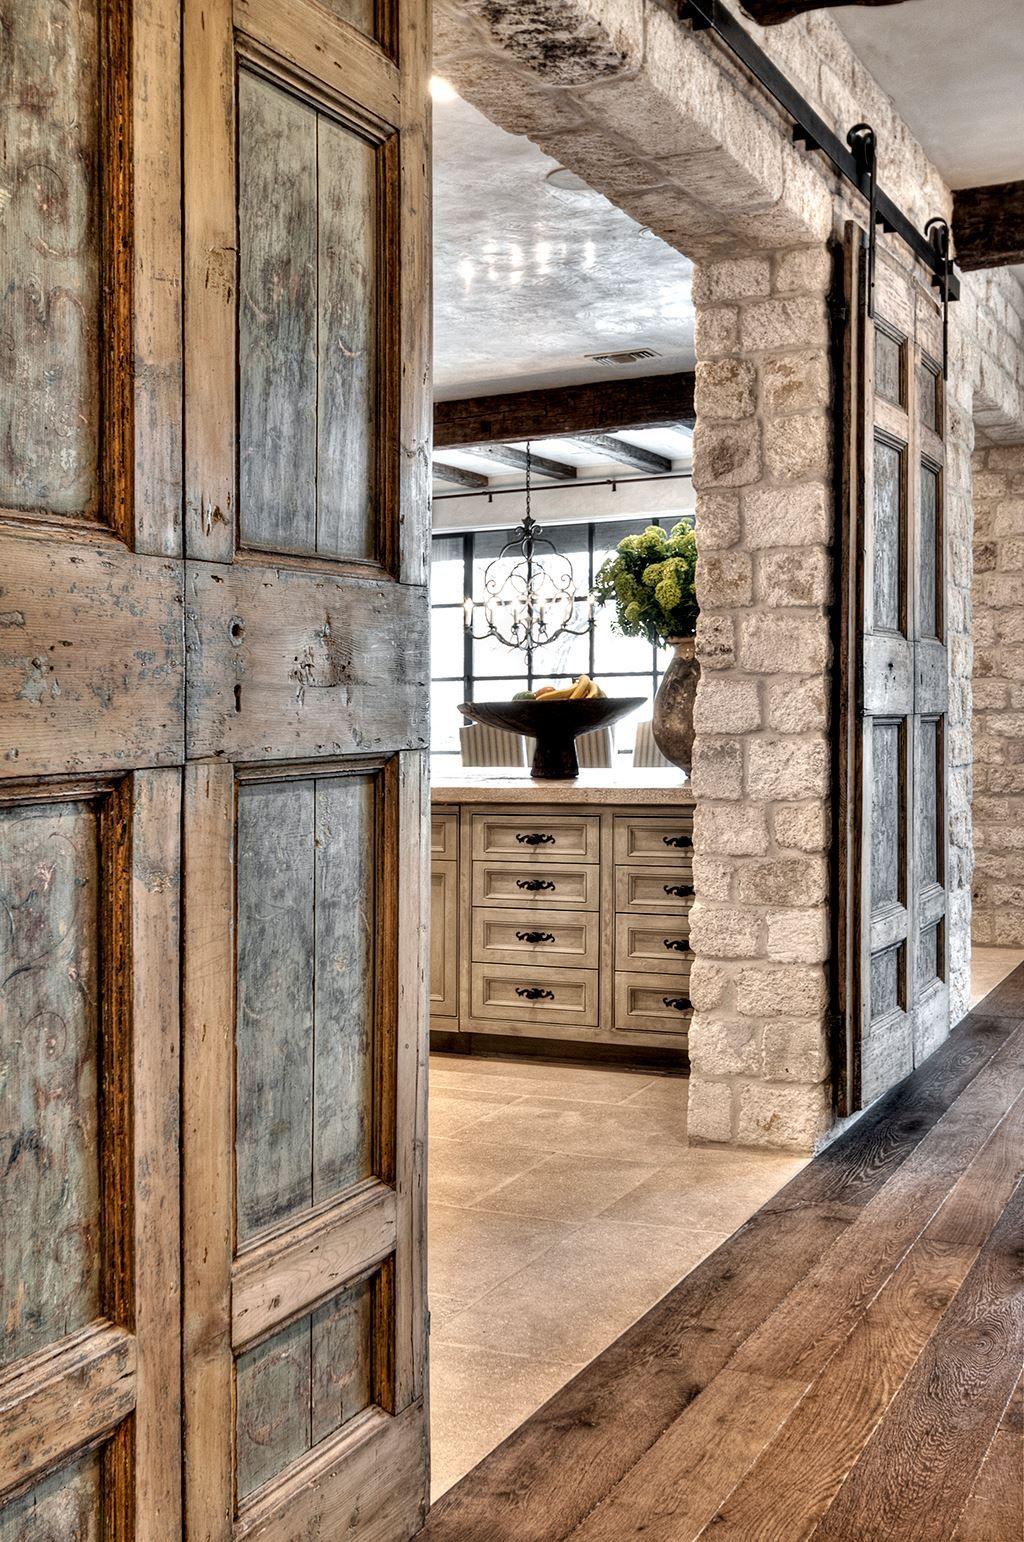 Acabados en madera y ladrillo.   Casas   Pinterest   Casas, Hogar y ...